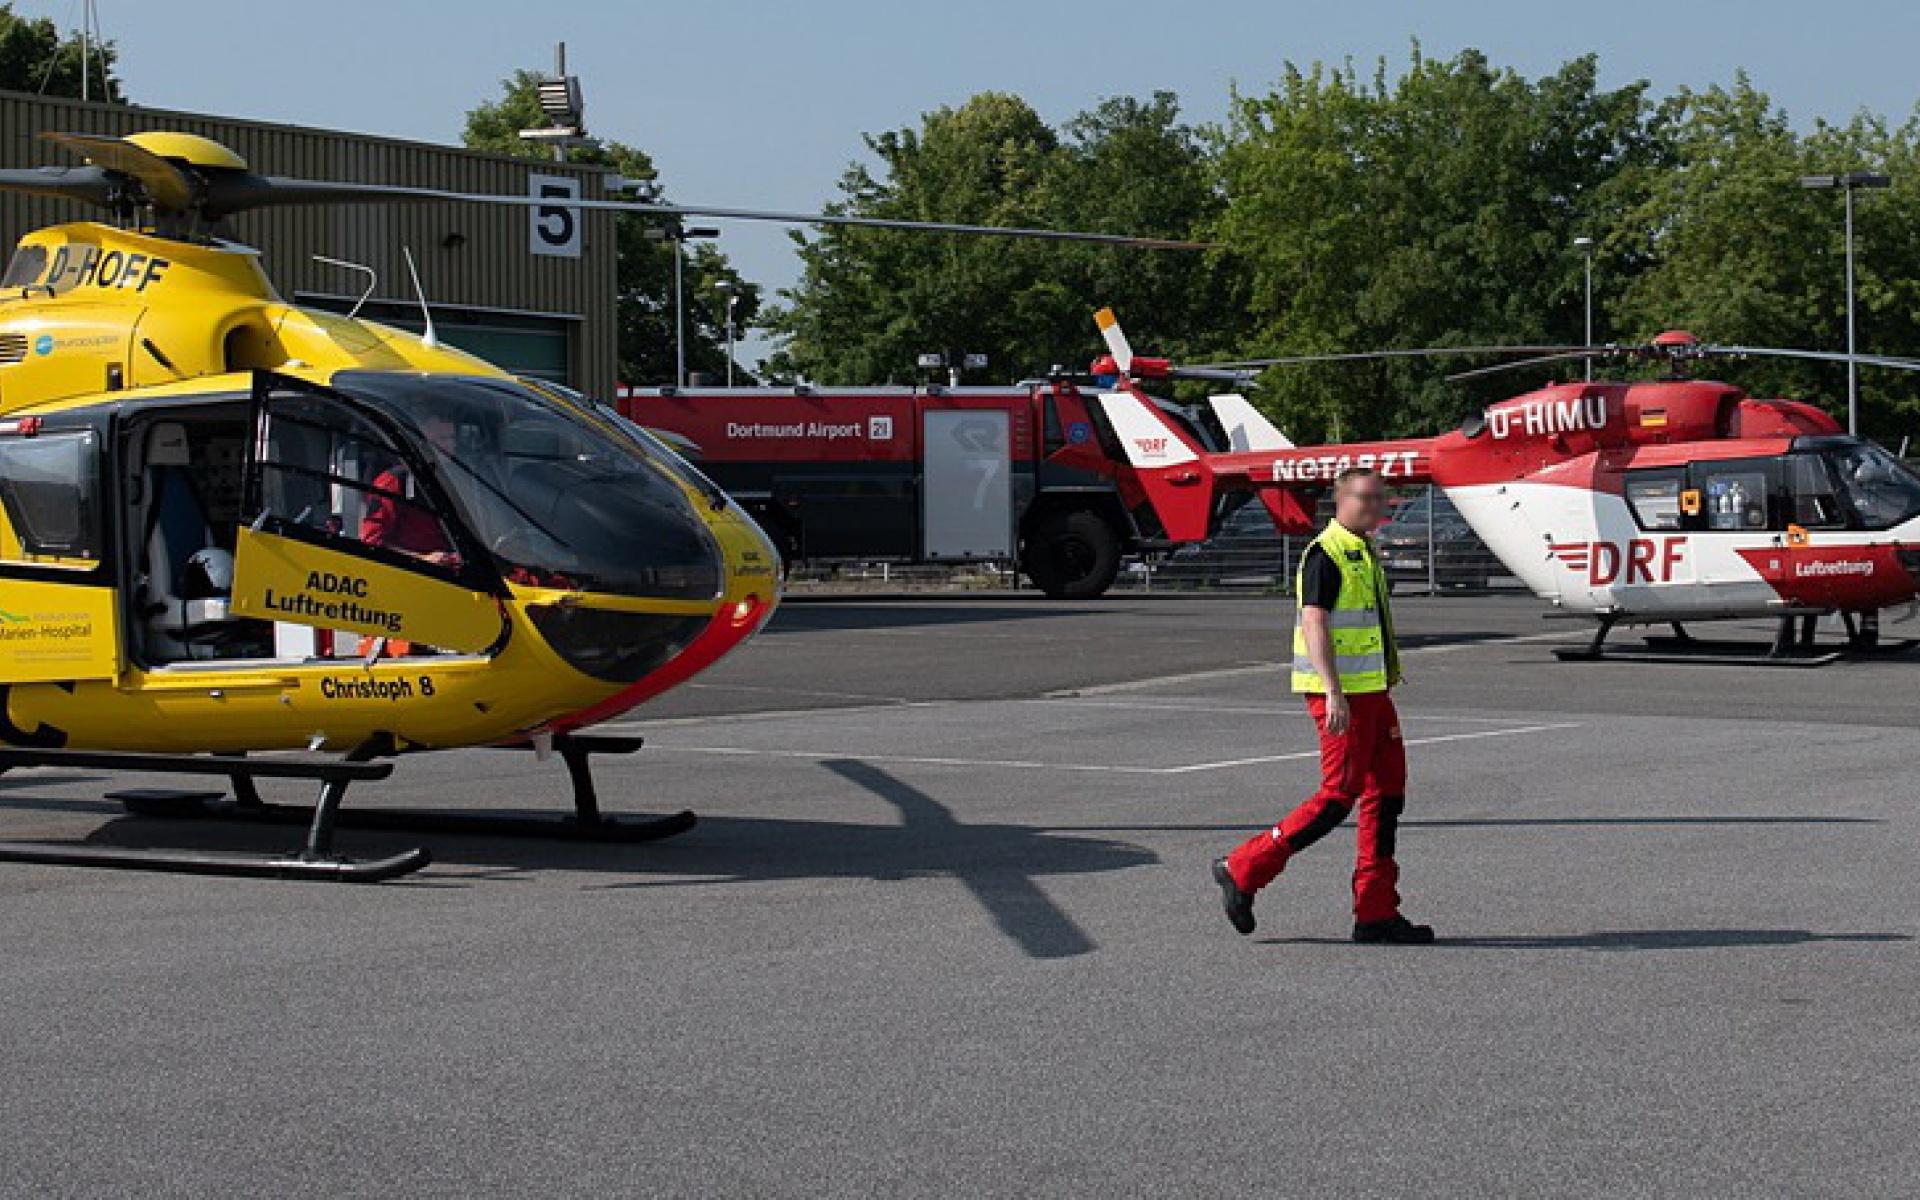 Verschiedene Rettungsmittel – darunter Christoph 8 und Christoph Dortmund – konnten begutachtet werden.